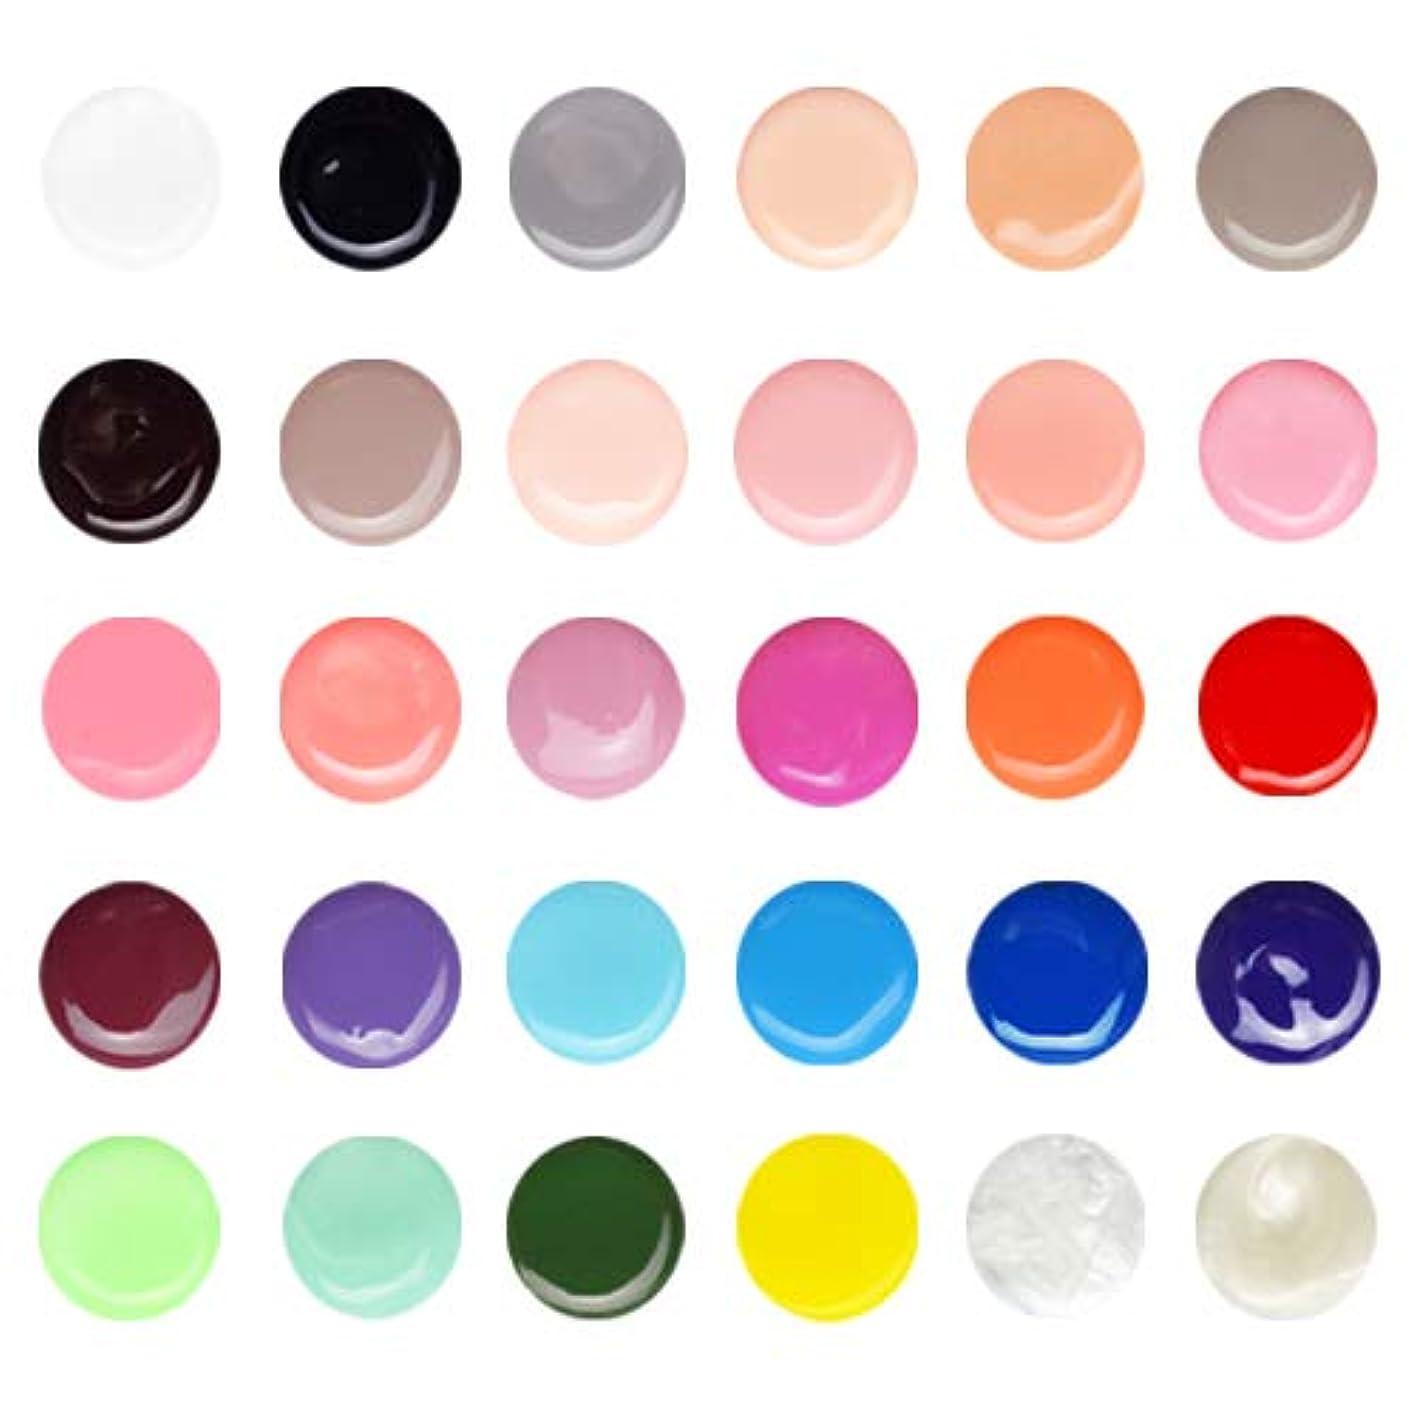 iro gel (イロジェル) ネイルタウンジェル ジェルネイル 30色セット ソークオフタイプ [ 3g × 30色 ]